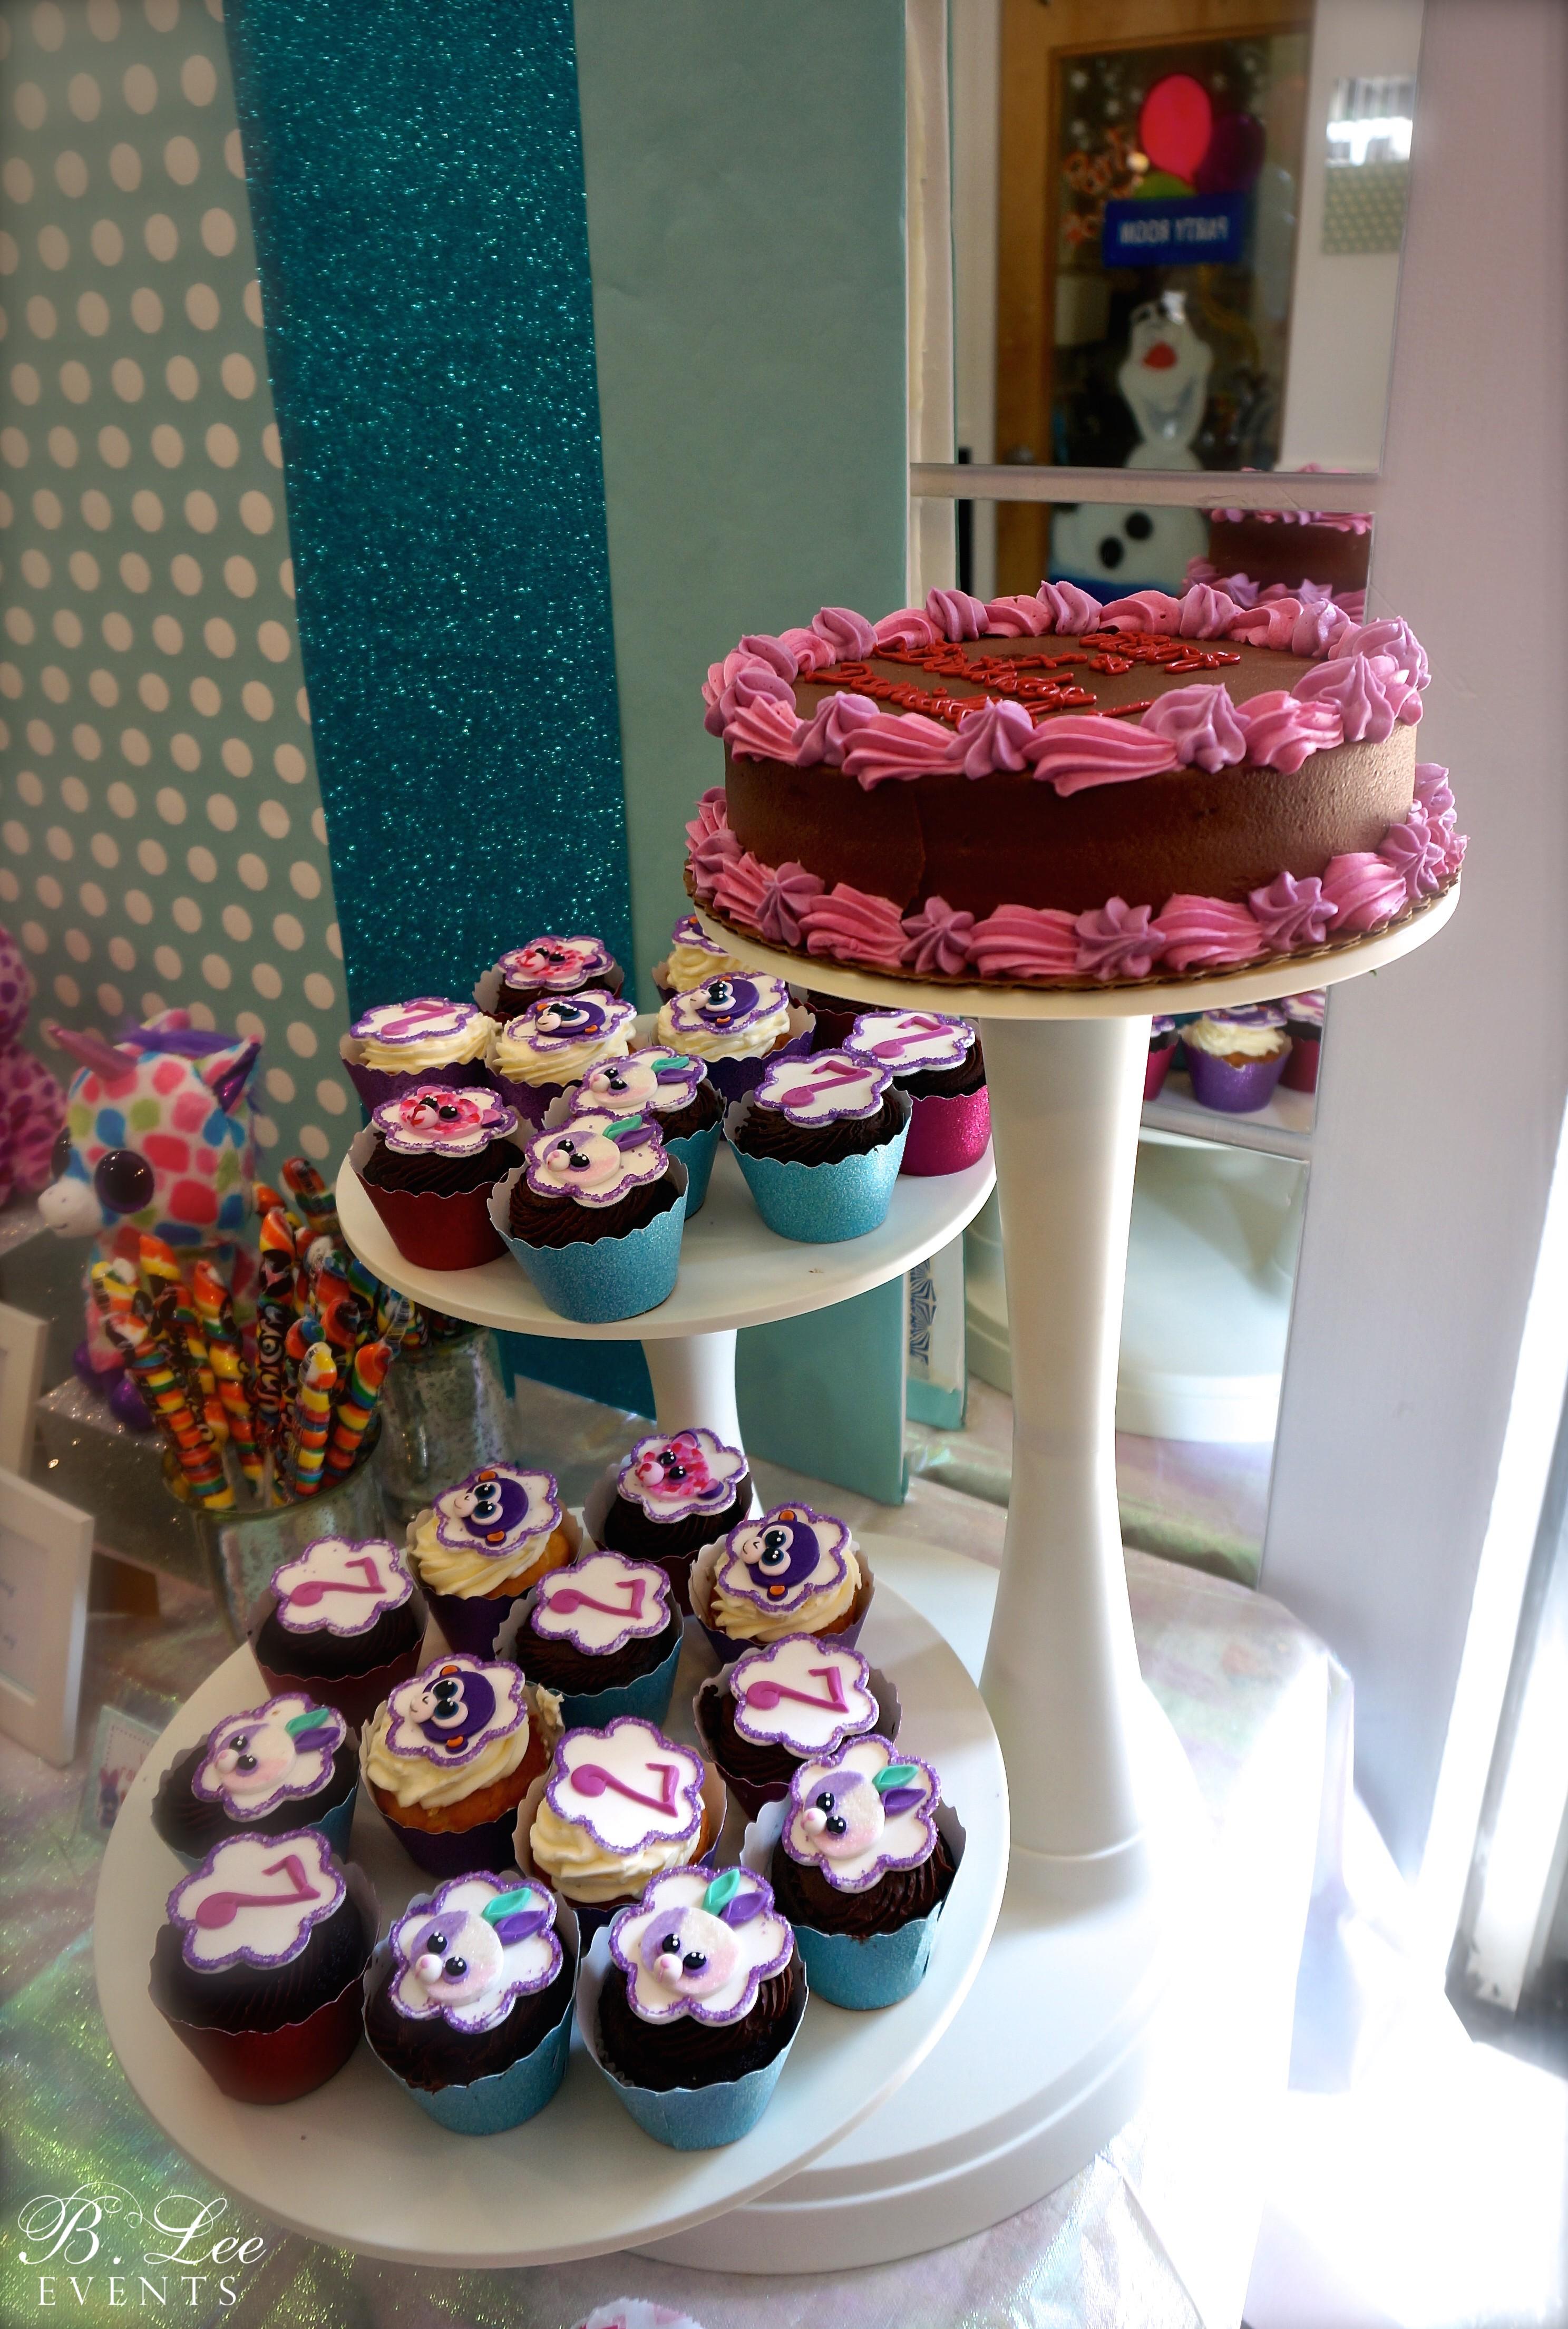 BeanieBoo_DessertsCupcakes9